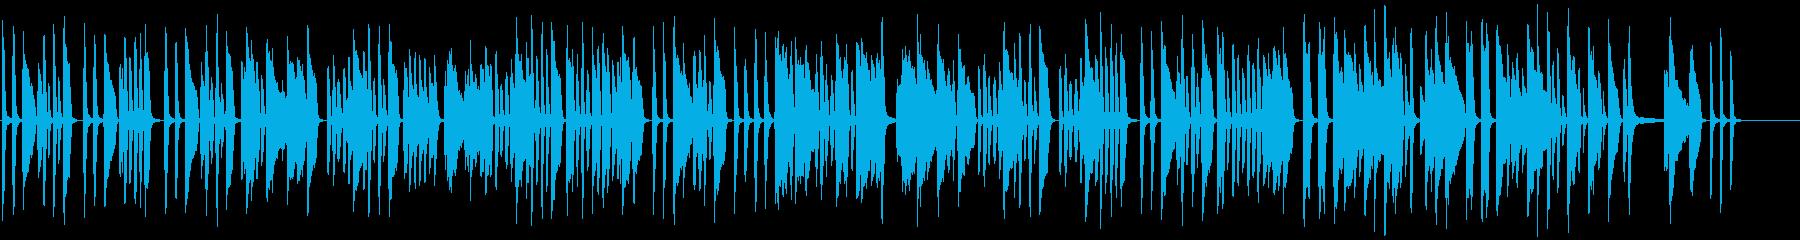 コミカルで可愛らしいピアノの再生済みの波形